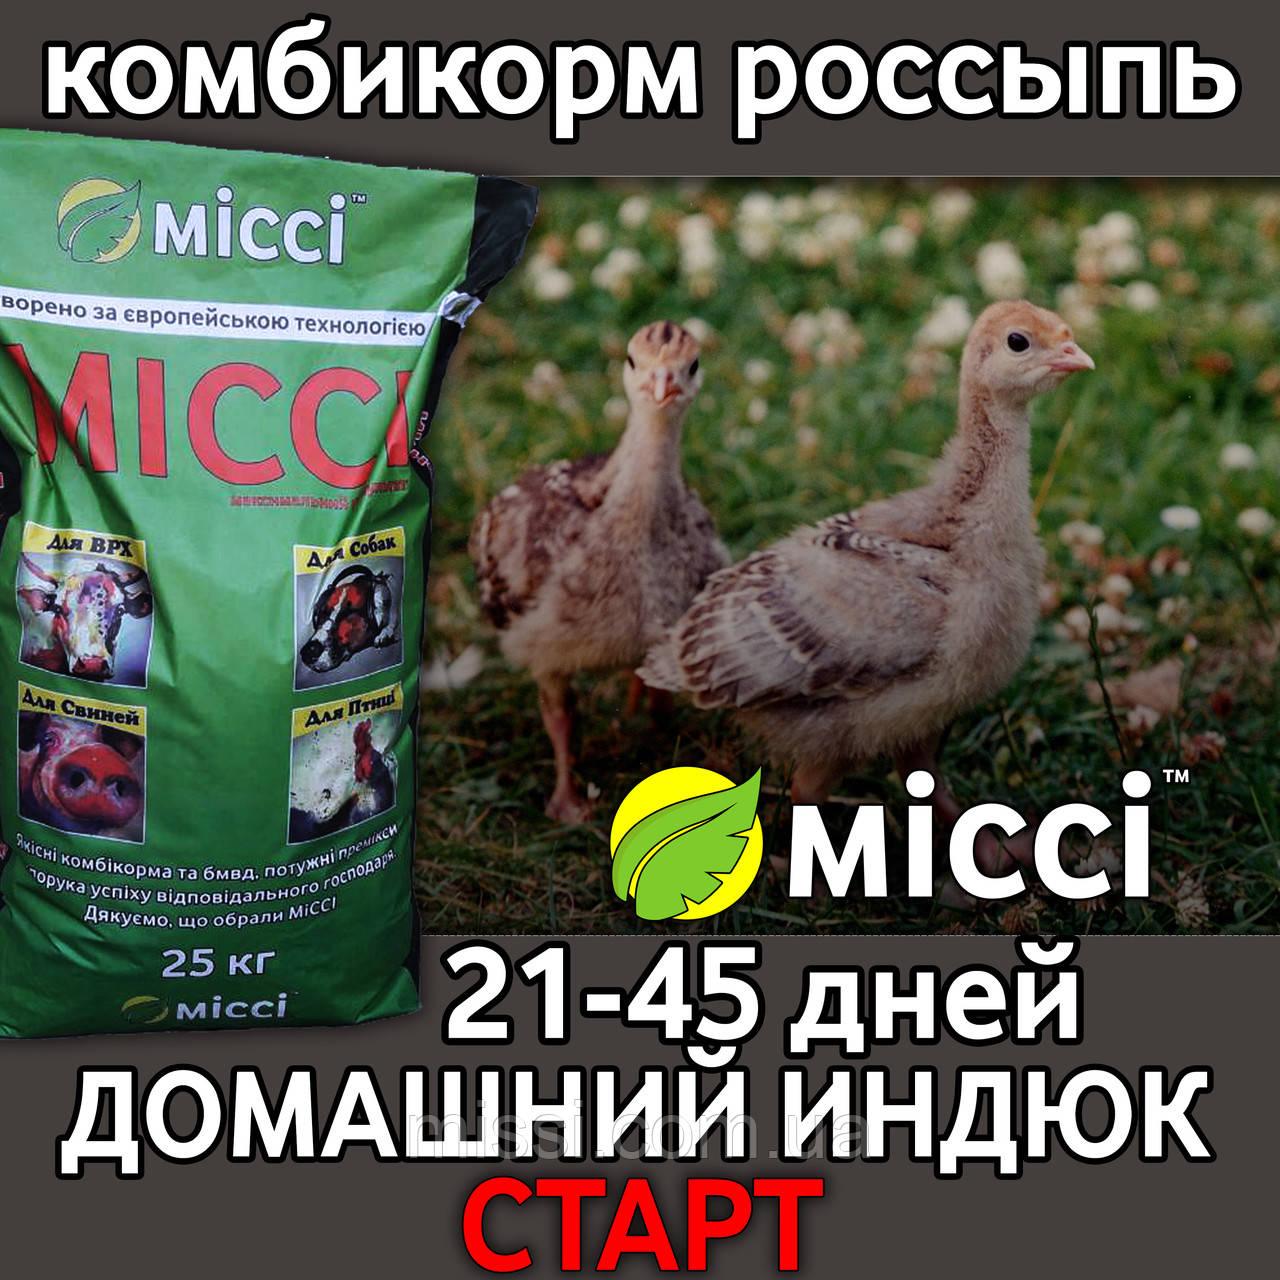 Комбикорм СТАРТ (21-45 дней) для ДОМАШНИХ ИНДЮКОВ (мешок 25 кг), Міссі